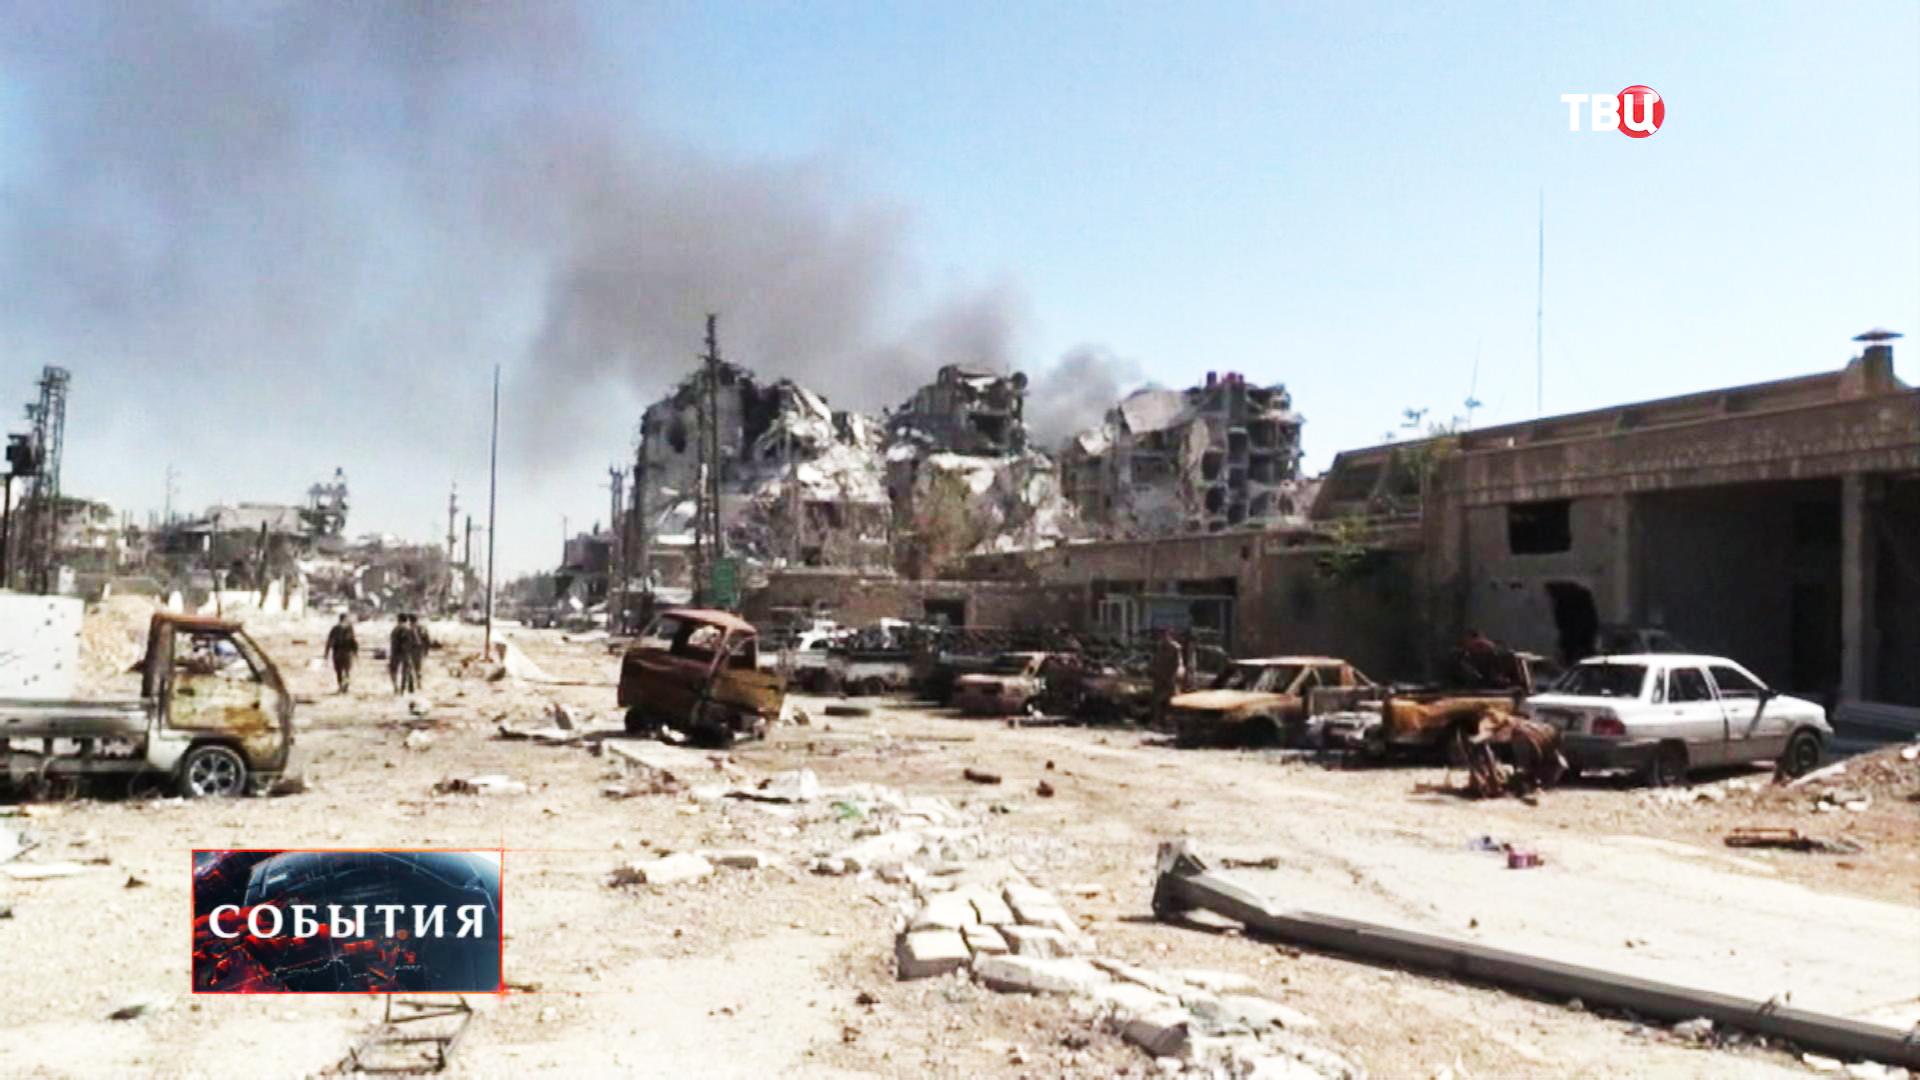 Результат артобстрела сирийского города Кобани